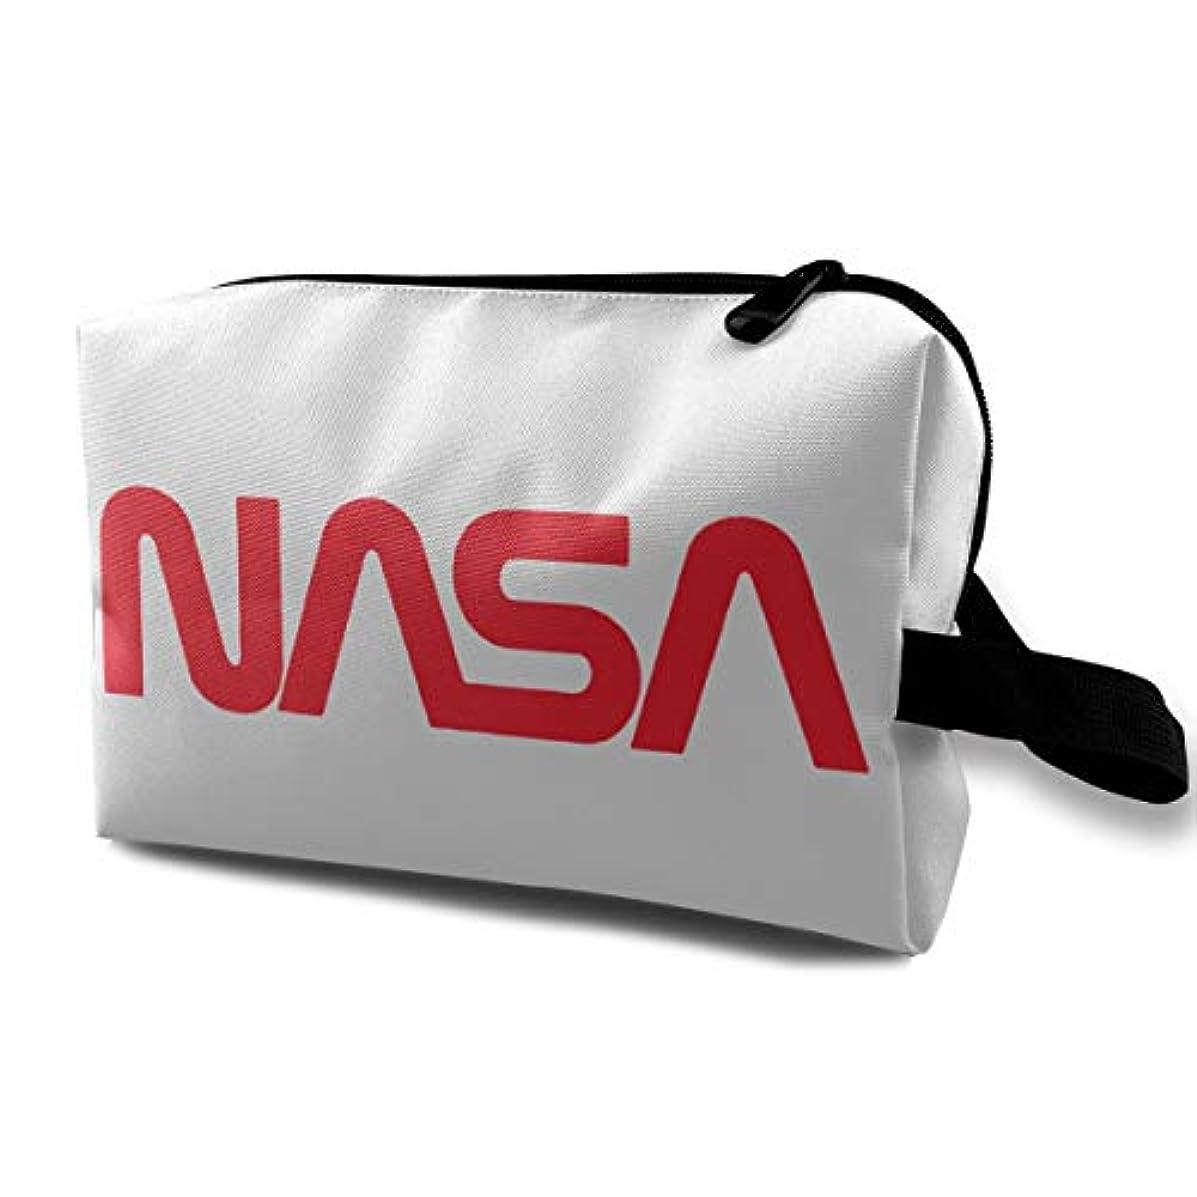 入り口確立拘束するDSB 化粧ポーチ コンパクト メイクポーチ 化粧バッグ NASA 航空 宇宙 化粧品 収納バッグ コスメポーチ メイクブラシバッグ 旅行用 大容量